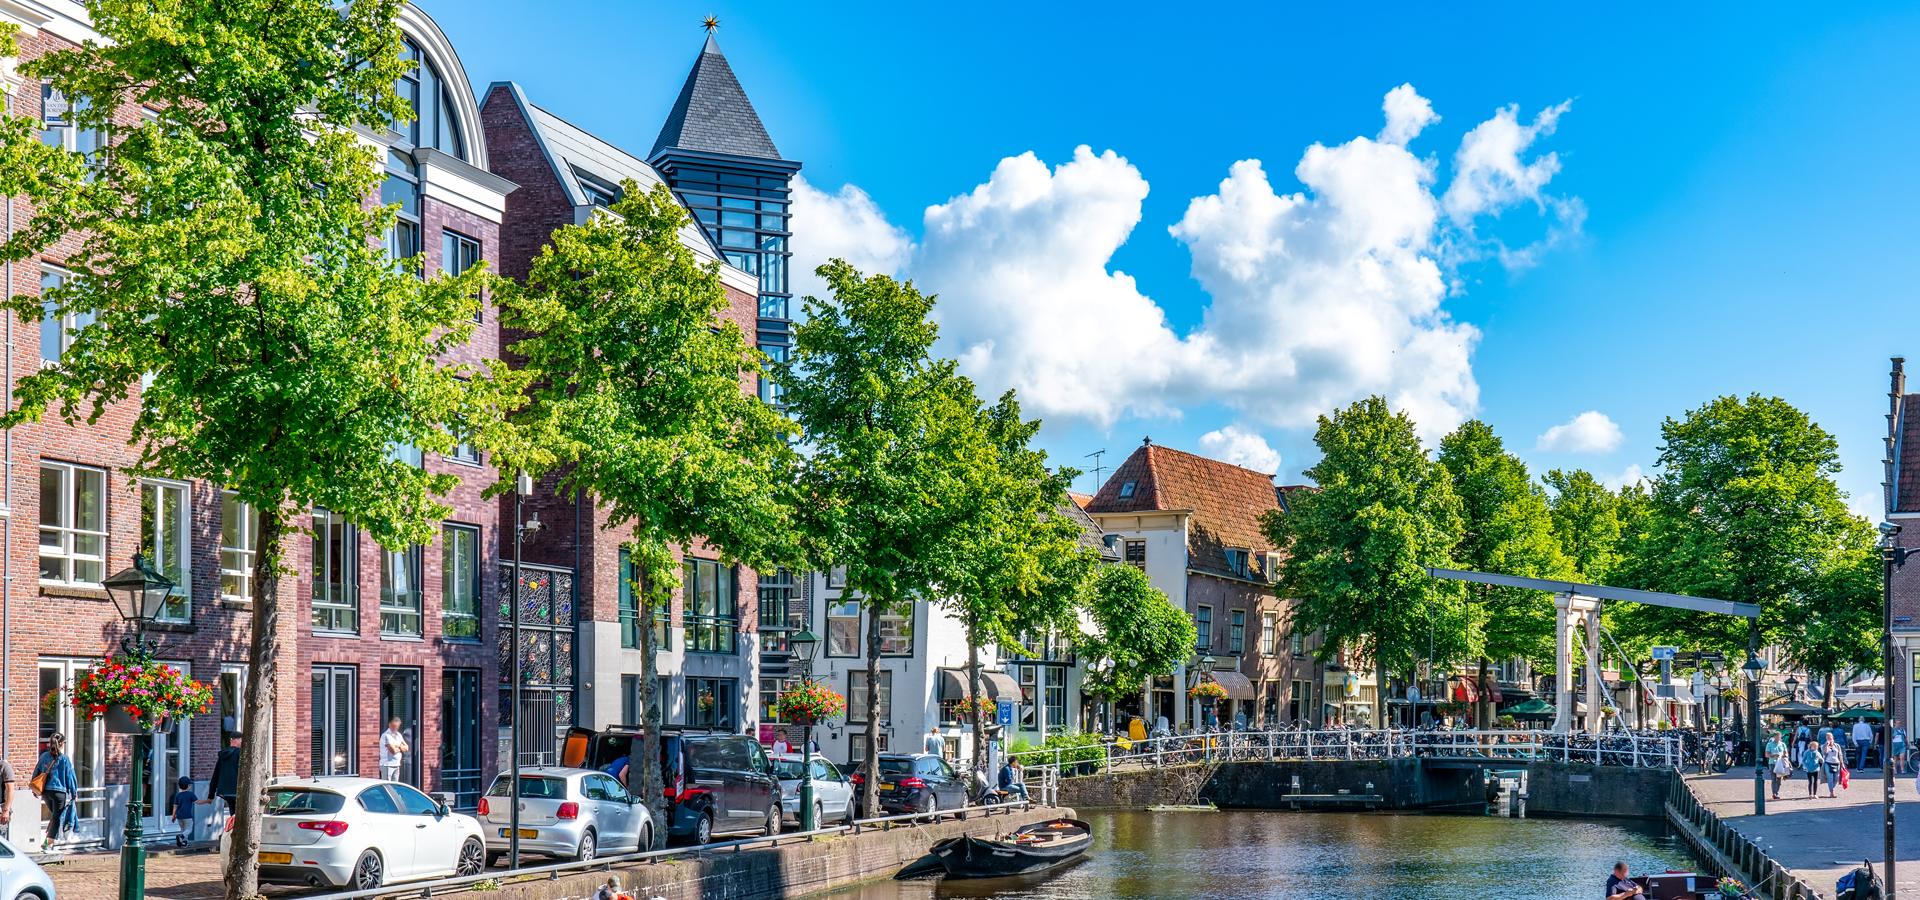 Peer-to-peer advisory in Alkmaar, North Holland, Netherlands